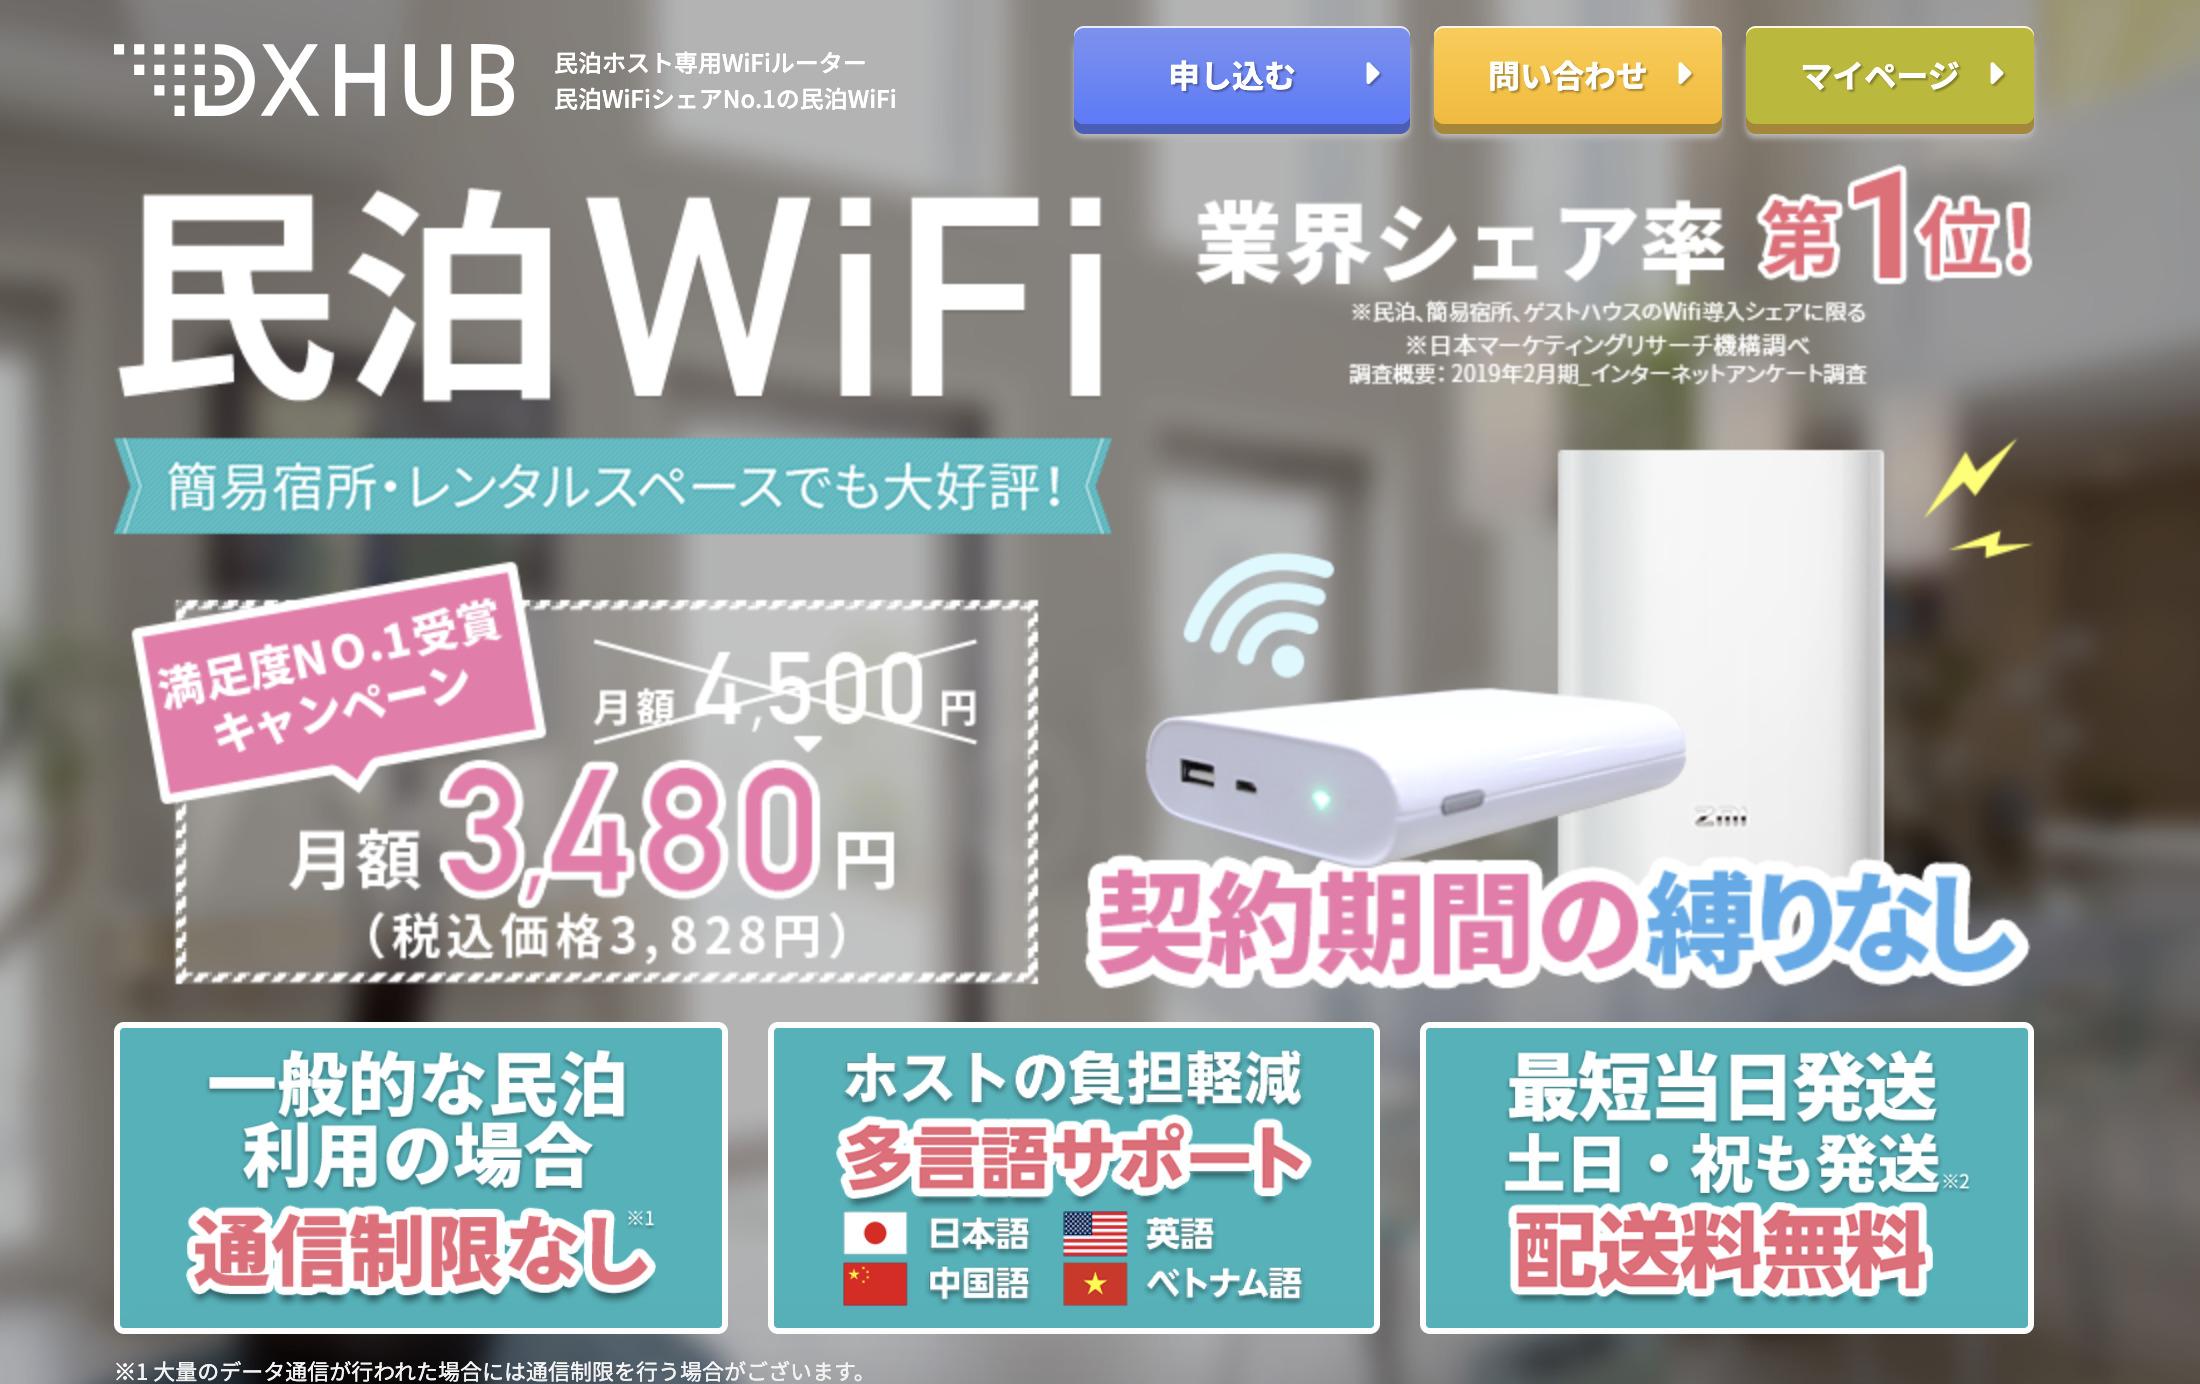 民泊Wi-Fiのキャンペーンページ